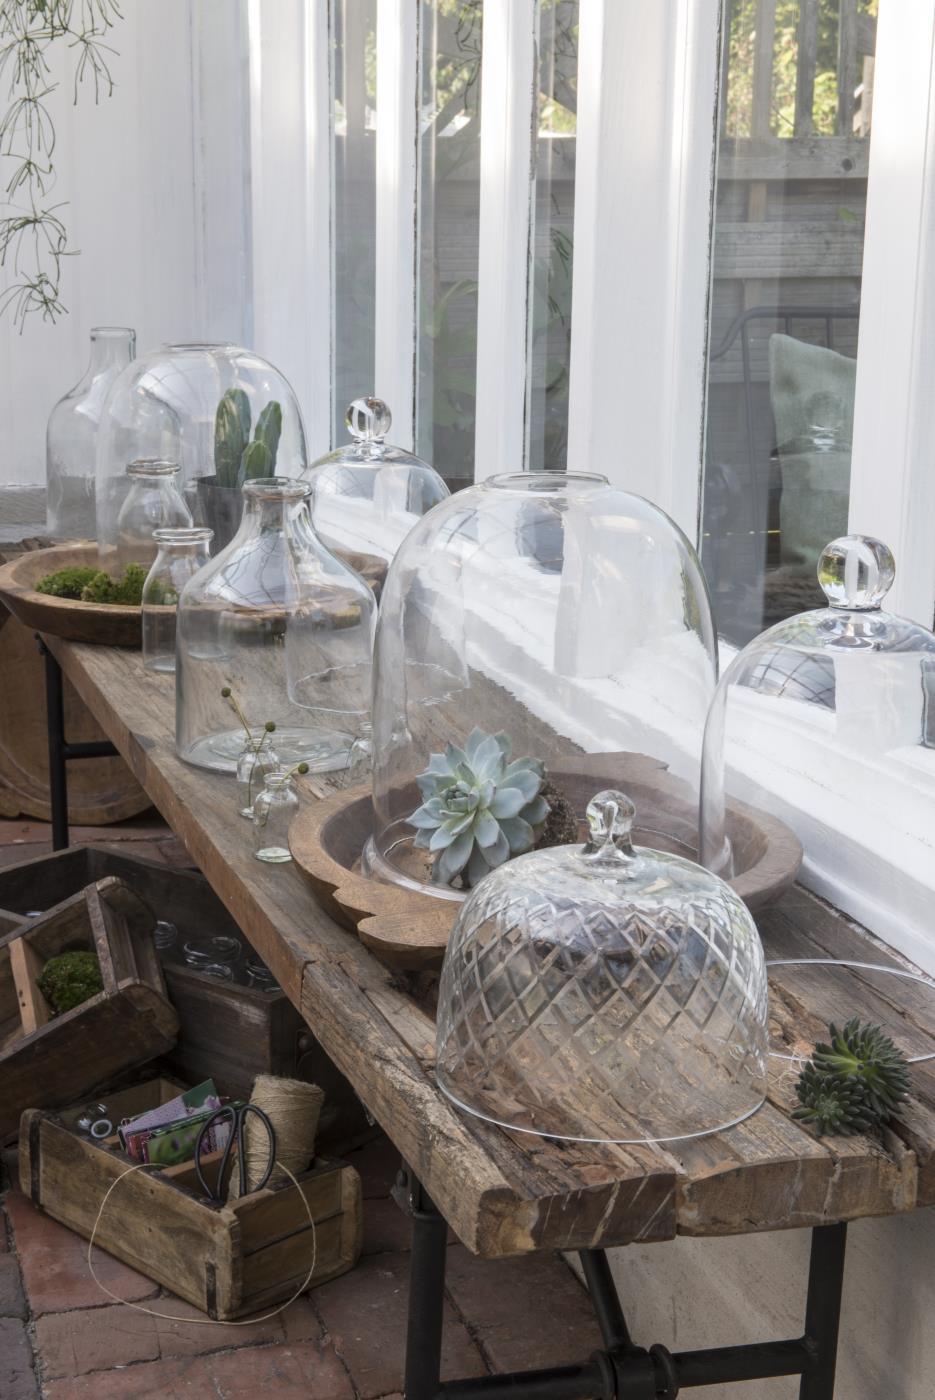 Ib Laursen – Nordische Deko mit Shabby Style am Fenster